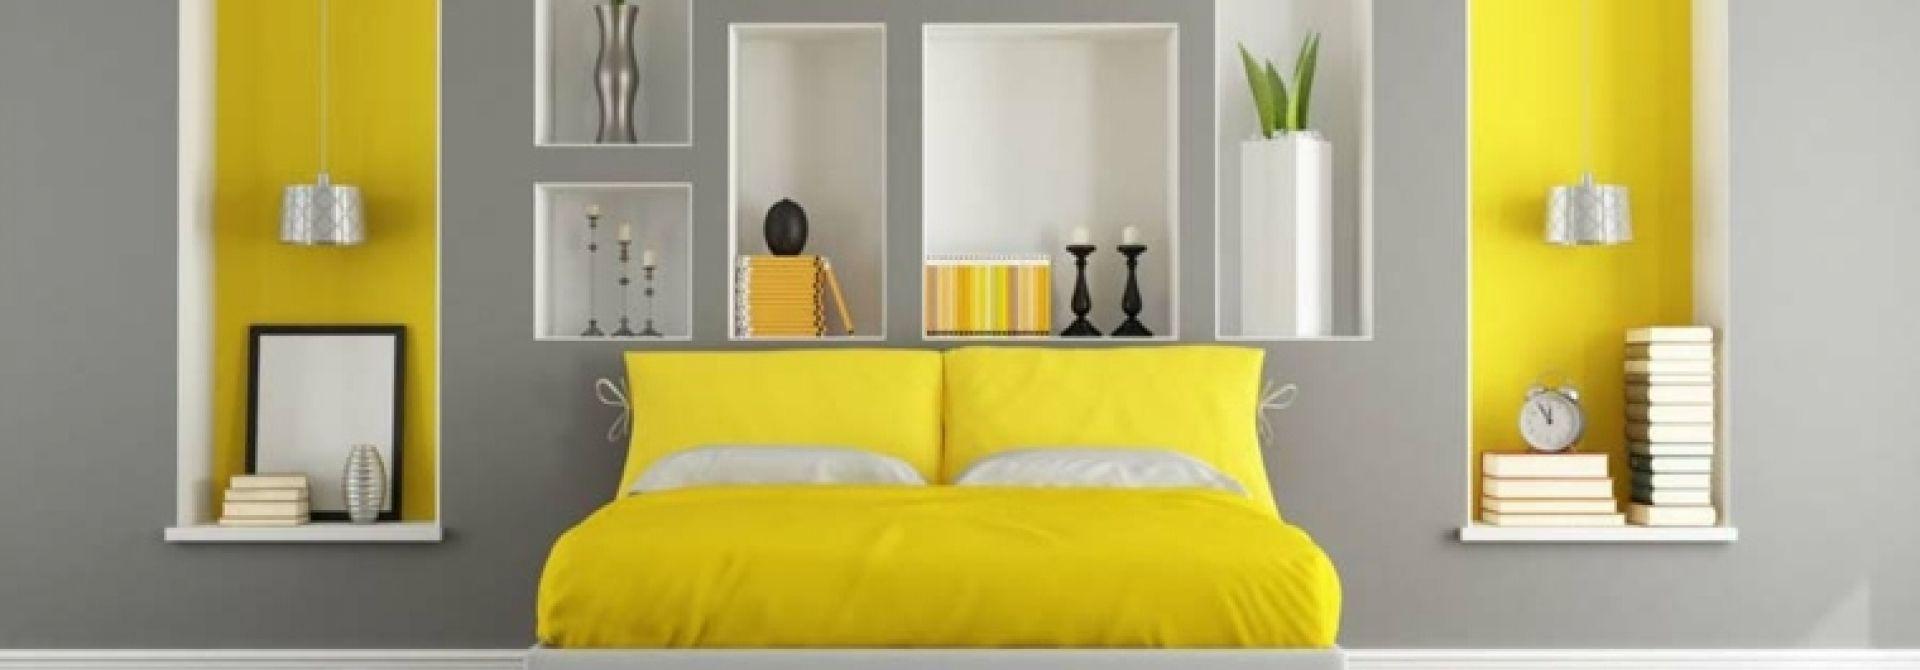 Deco Chambre A Coucher la chambre à coucher | blog simon